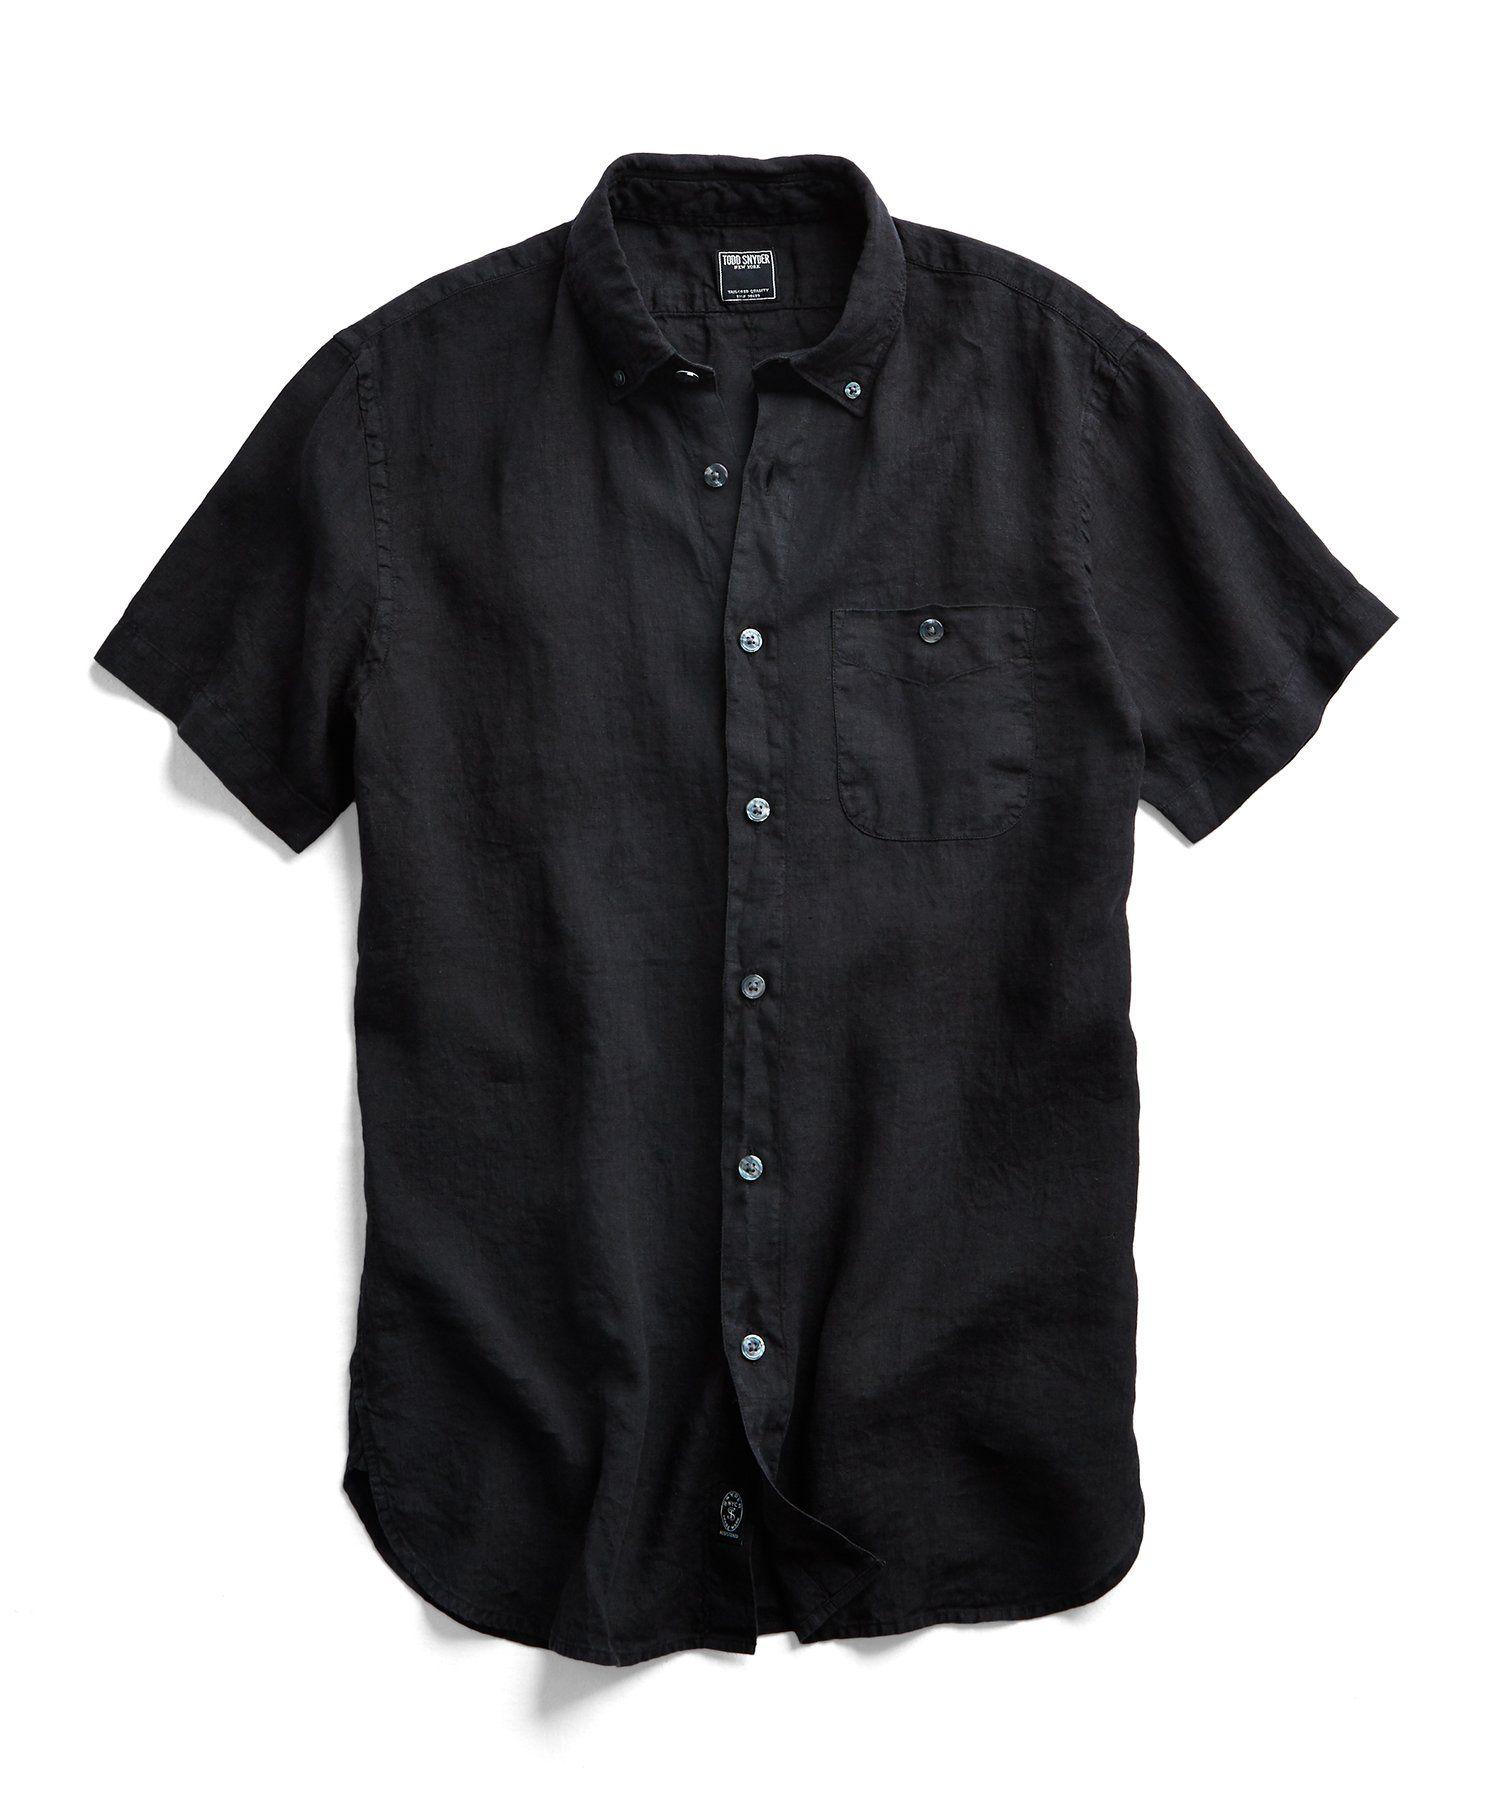 پیراهن آستین کوتاه مردانه مشکی من استایل